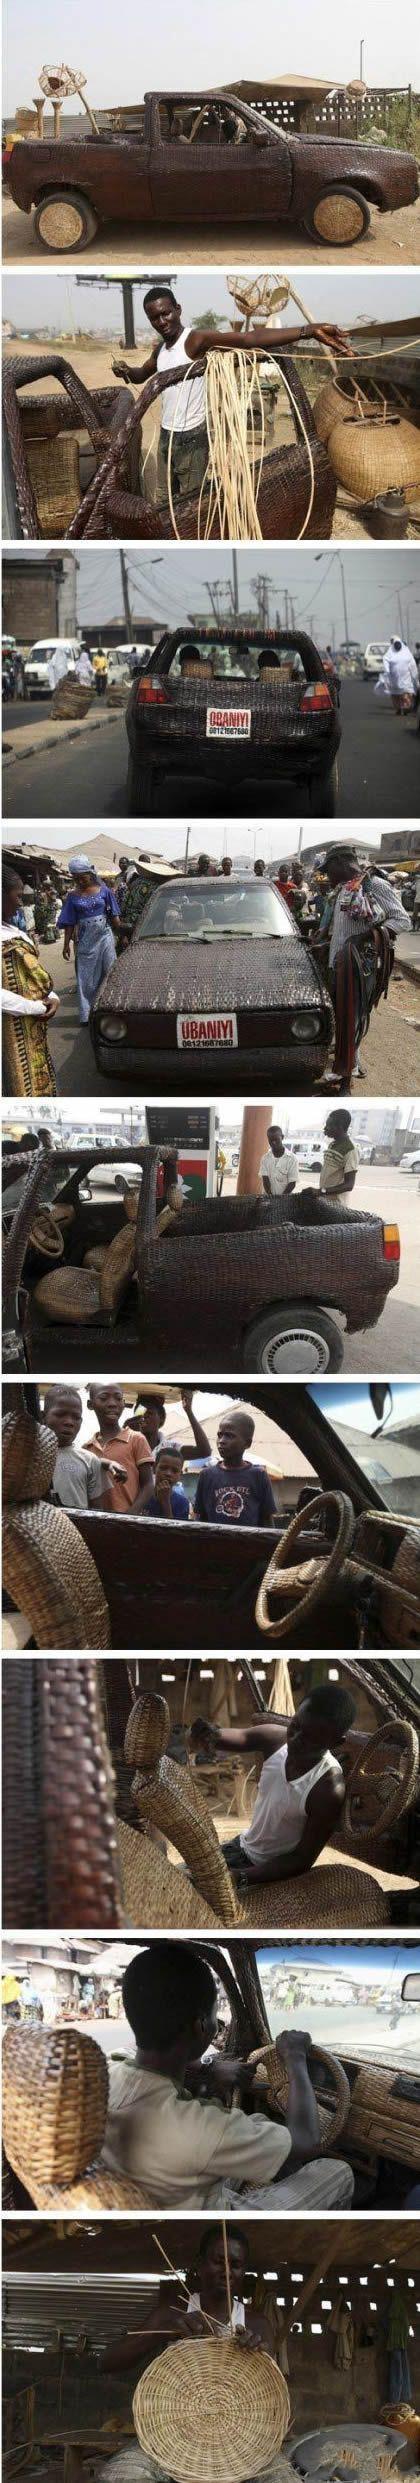 非洲牛人呀呀!!!!!